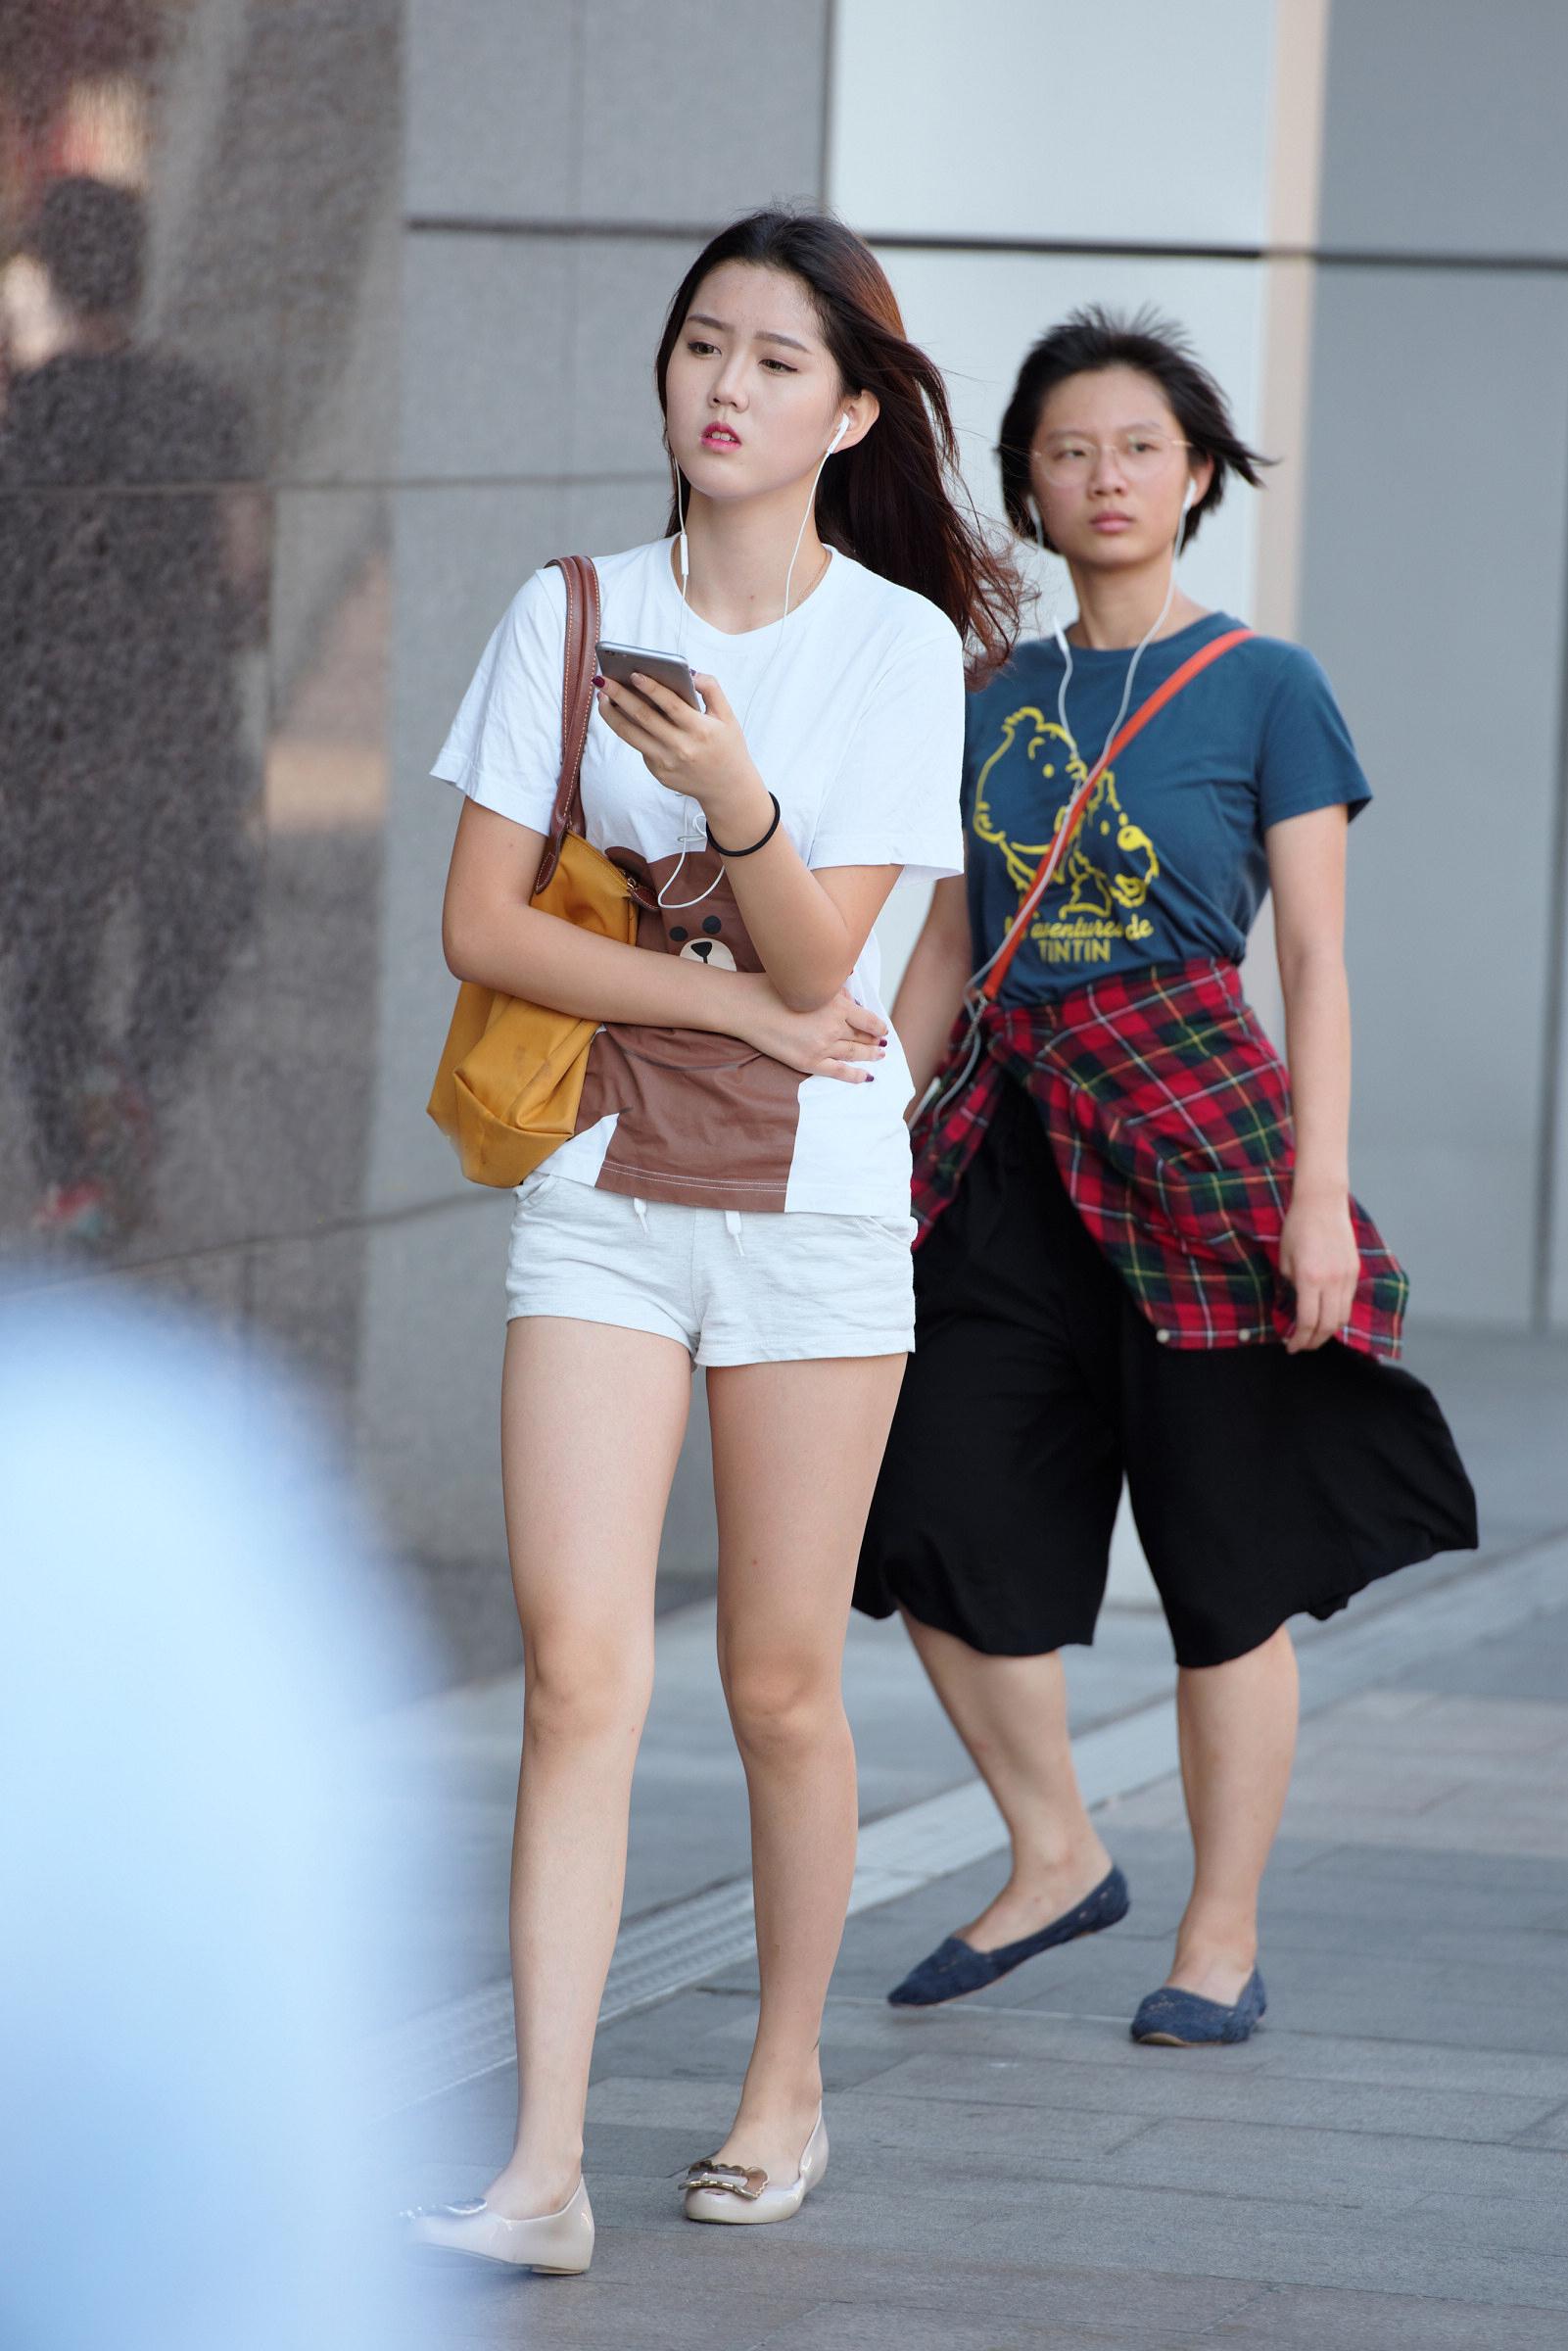 街拍:白色系女生由于表情惹人怜,身材抢镜众人羡